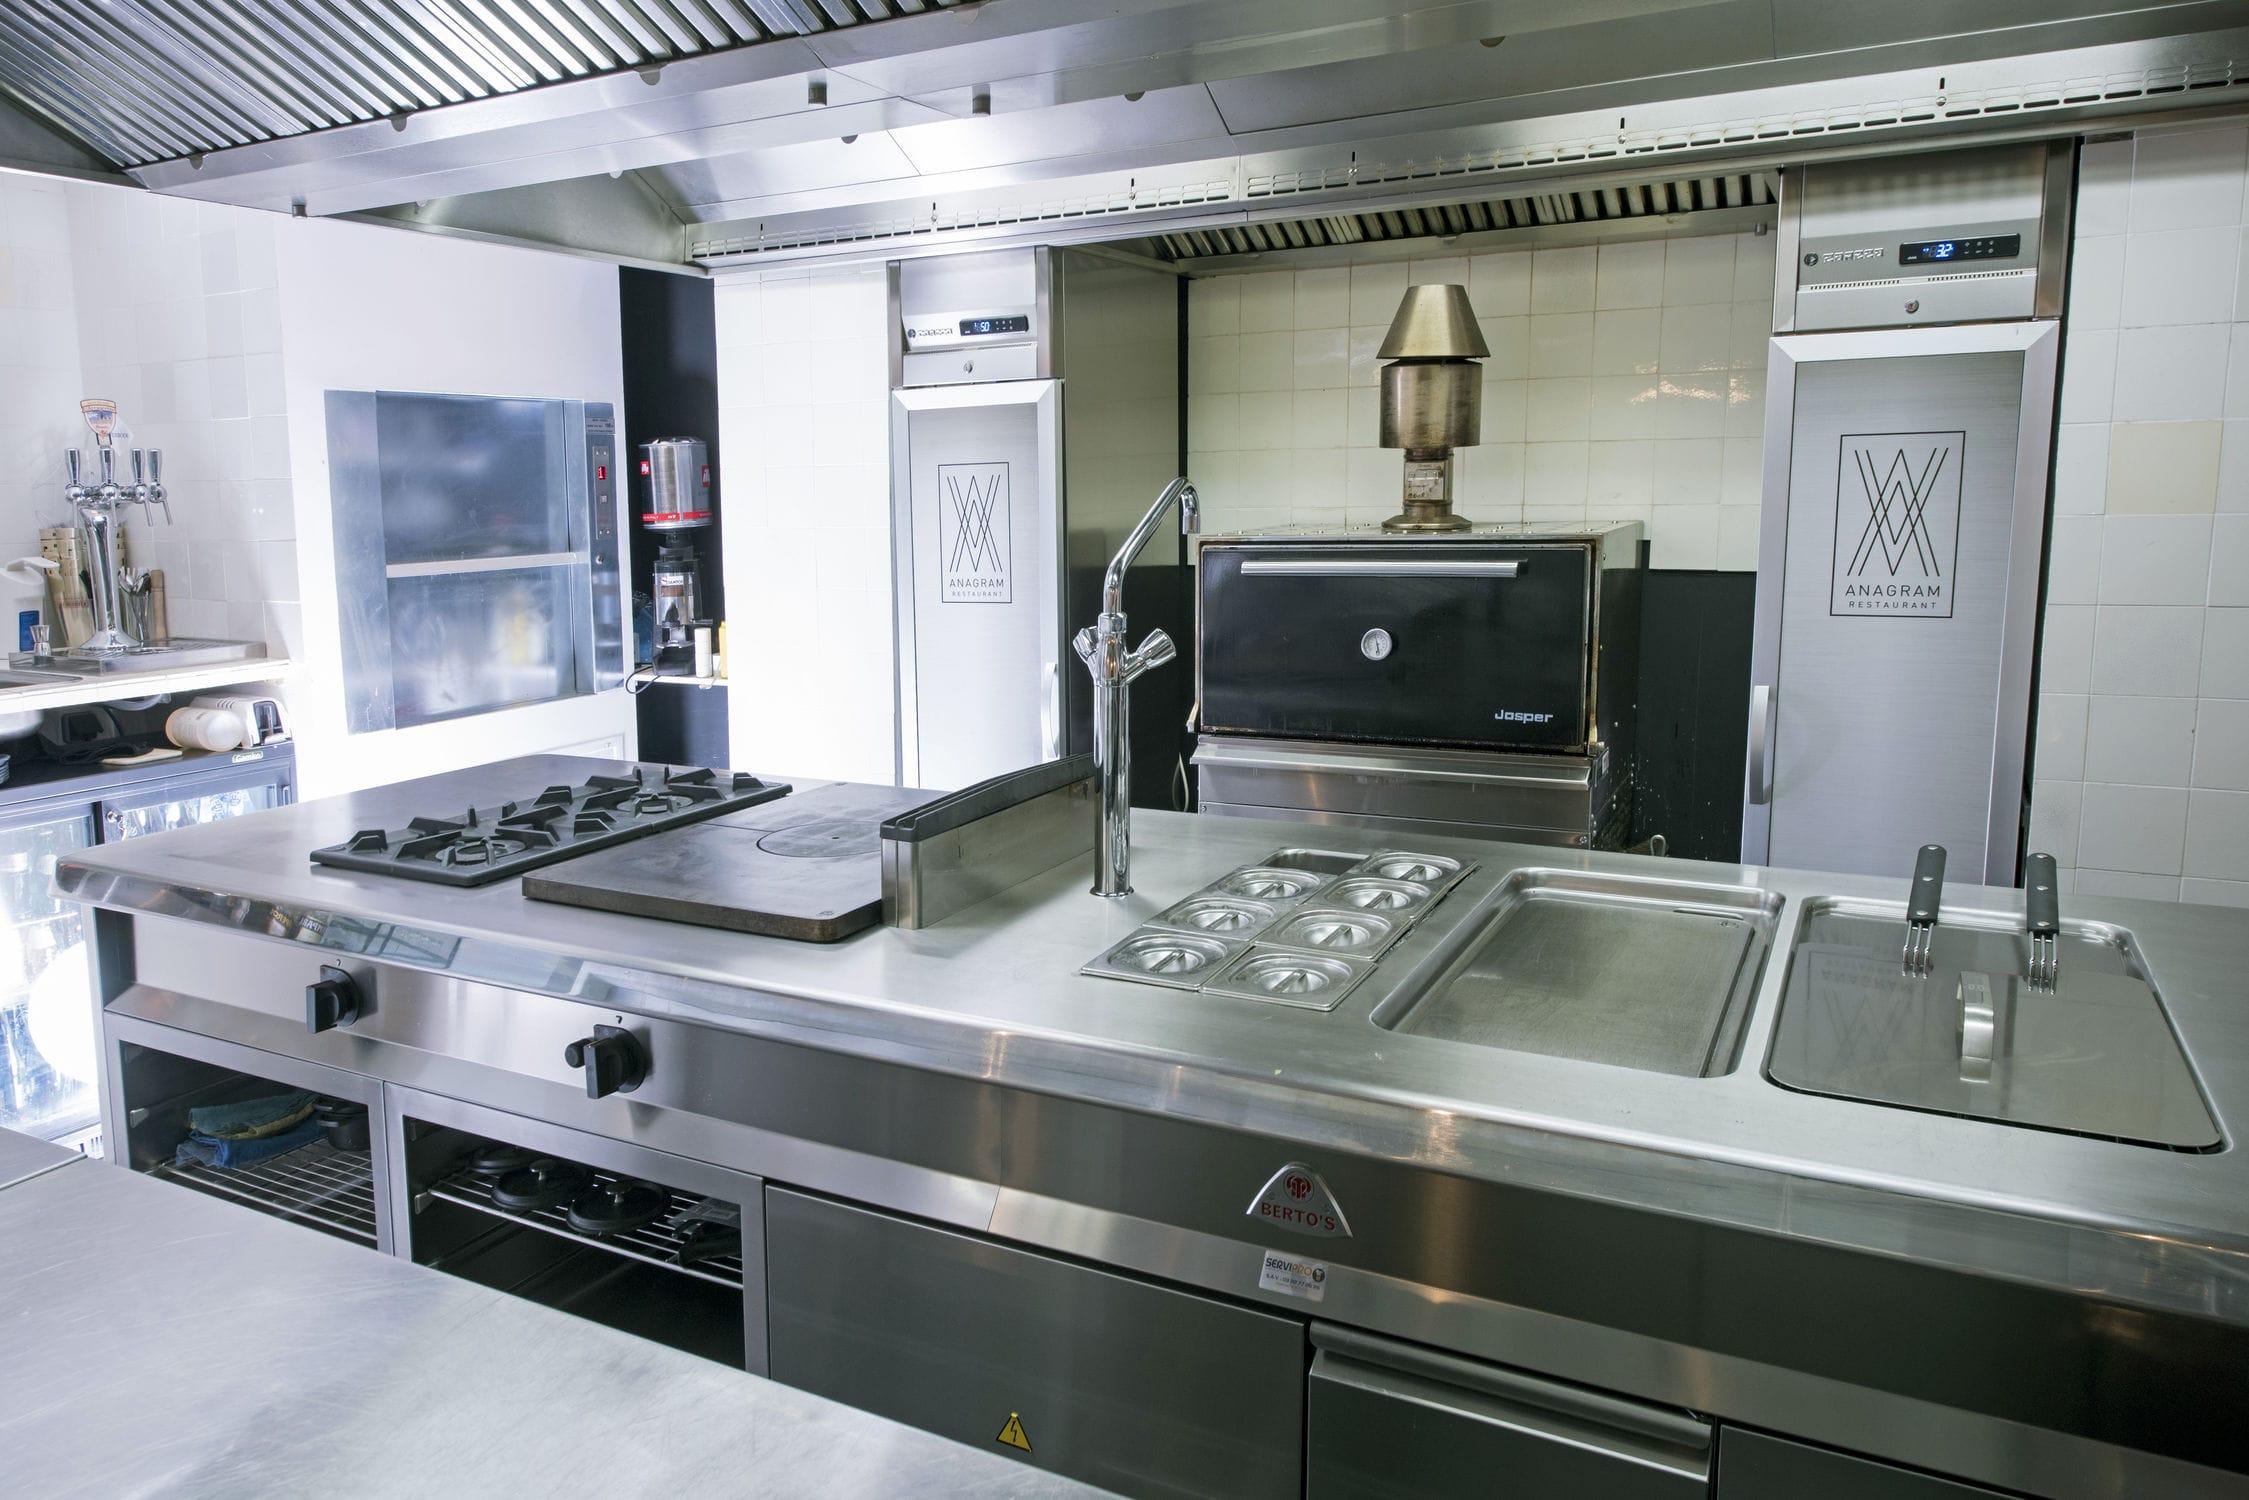 Cuisine Professionnelle En Inox S900 Berto S S P A Modulaire